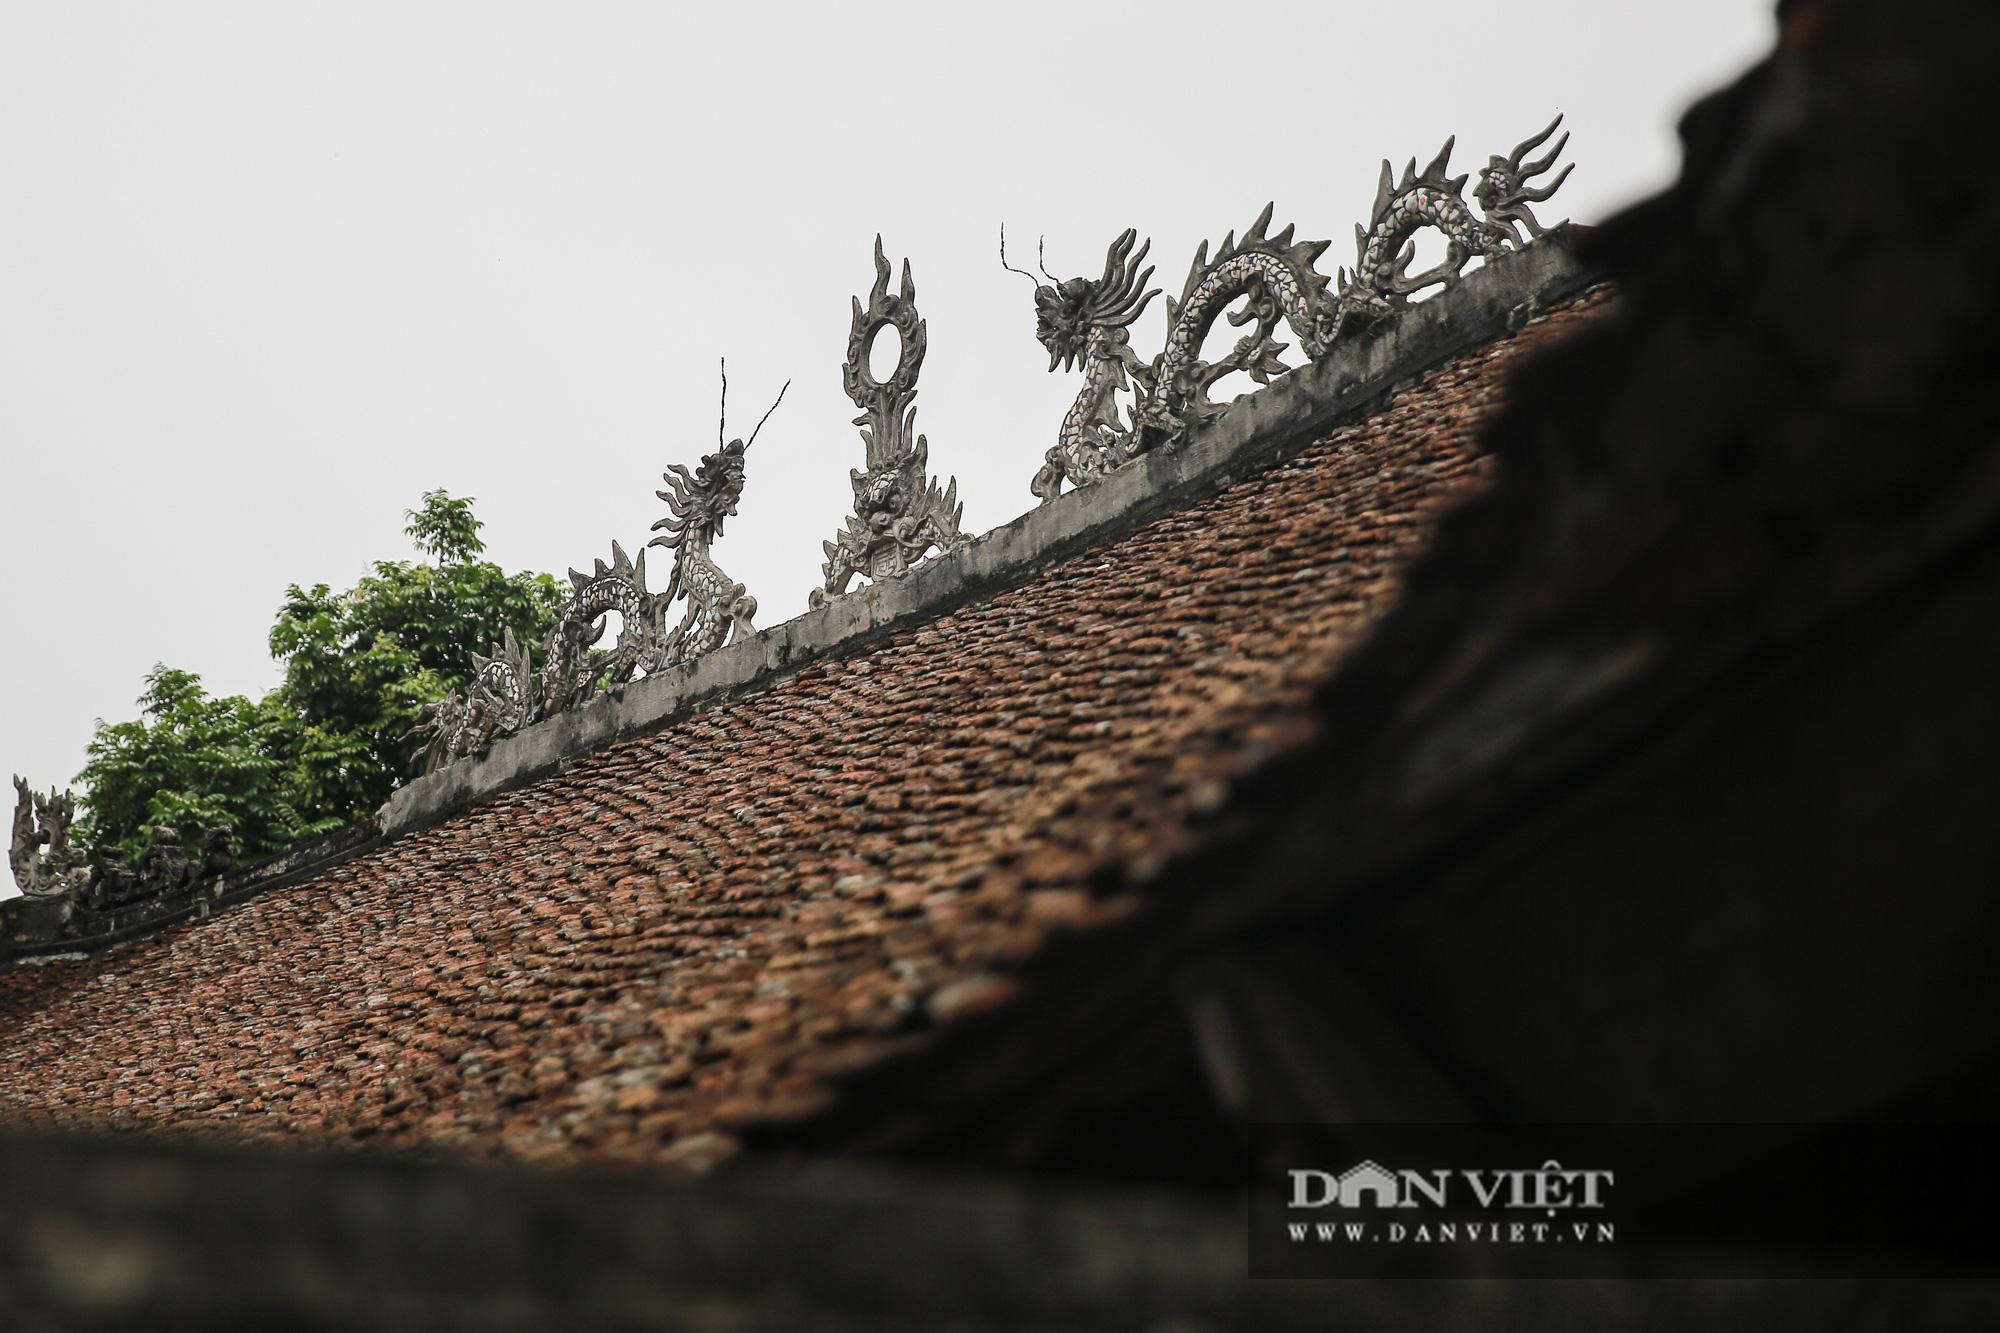 Đình làng cổ gần 200 năm tuổi tại Vĩnh Phúc bị xâm phạm cảnh quan di tích lịch sử  - Ảnh 8.